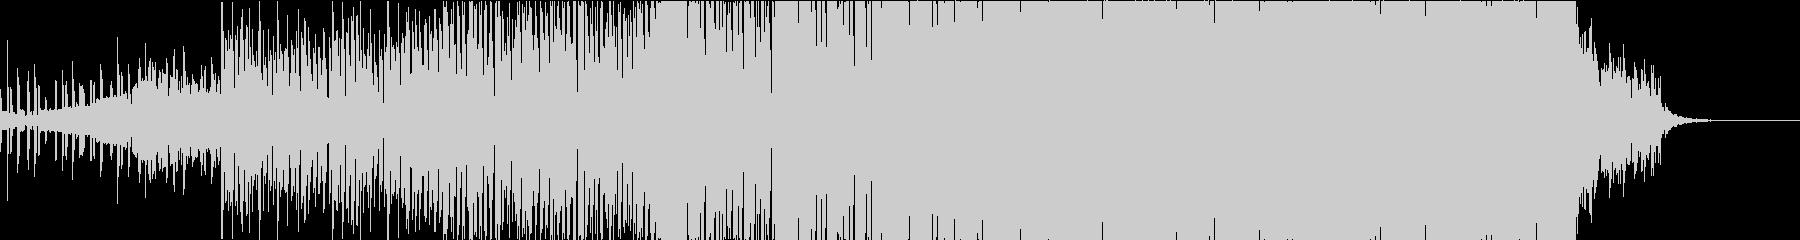 だんだんと盛り上がるEDM、荘厳、壮大の未再生の波形